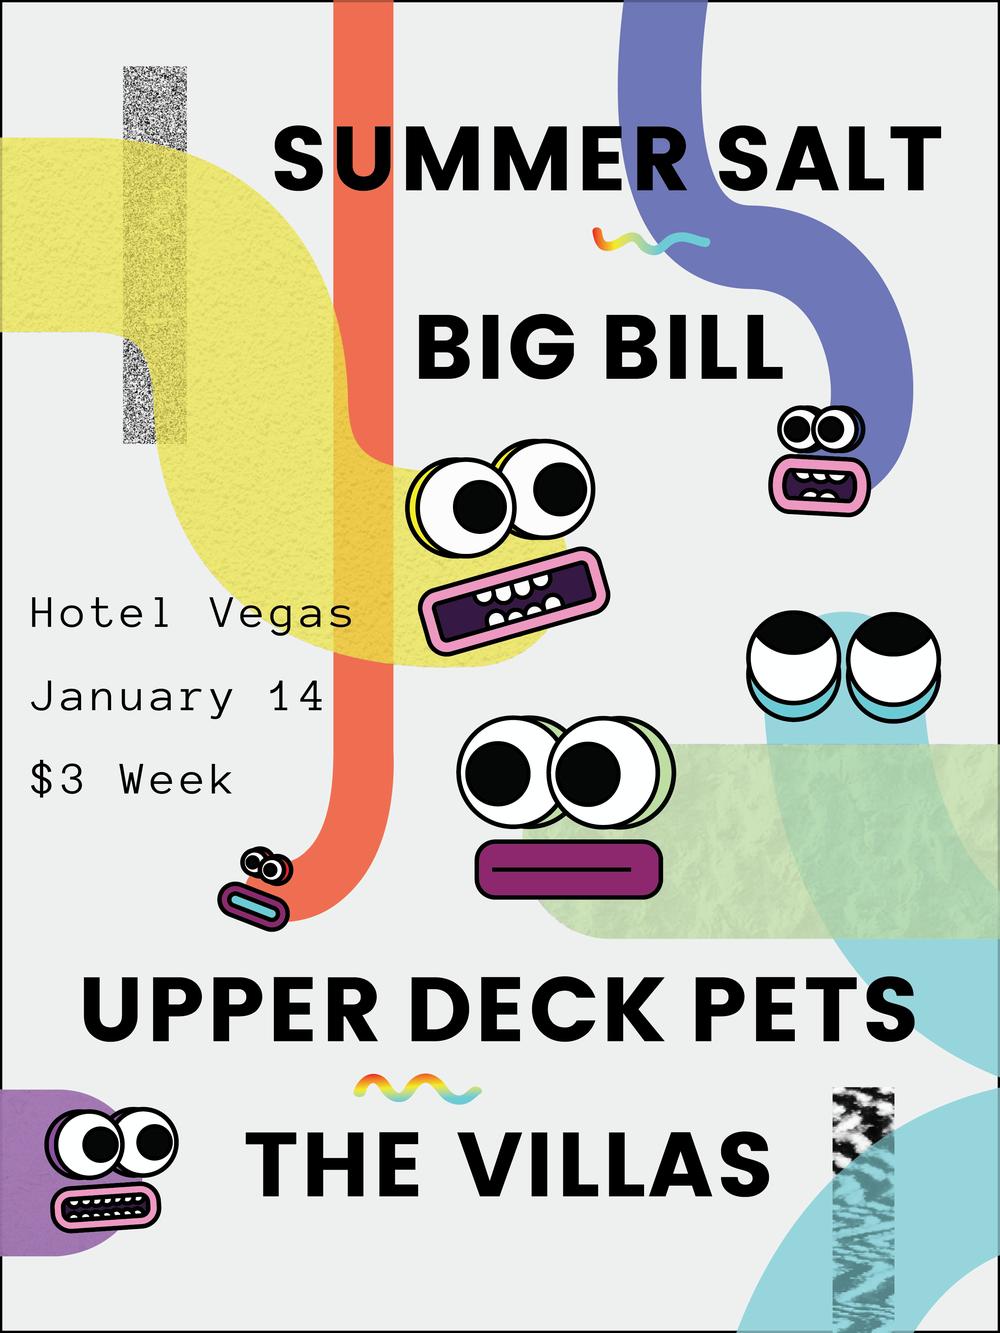 January 14, Austin, TX - Gig Poster for Hotel Vegas